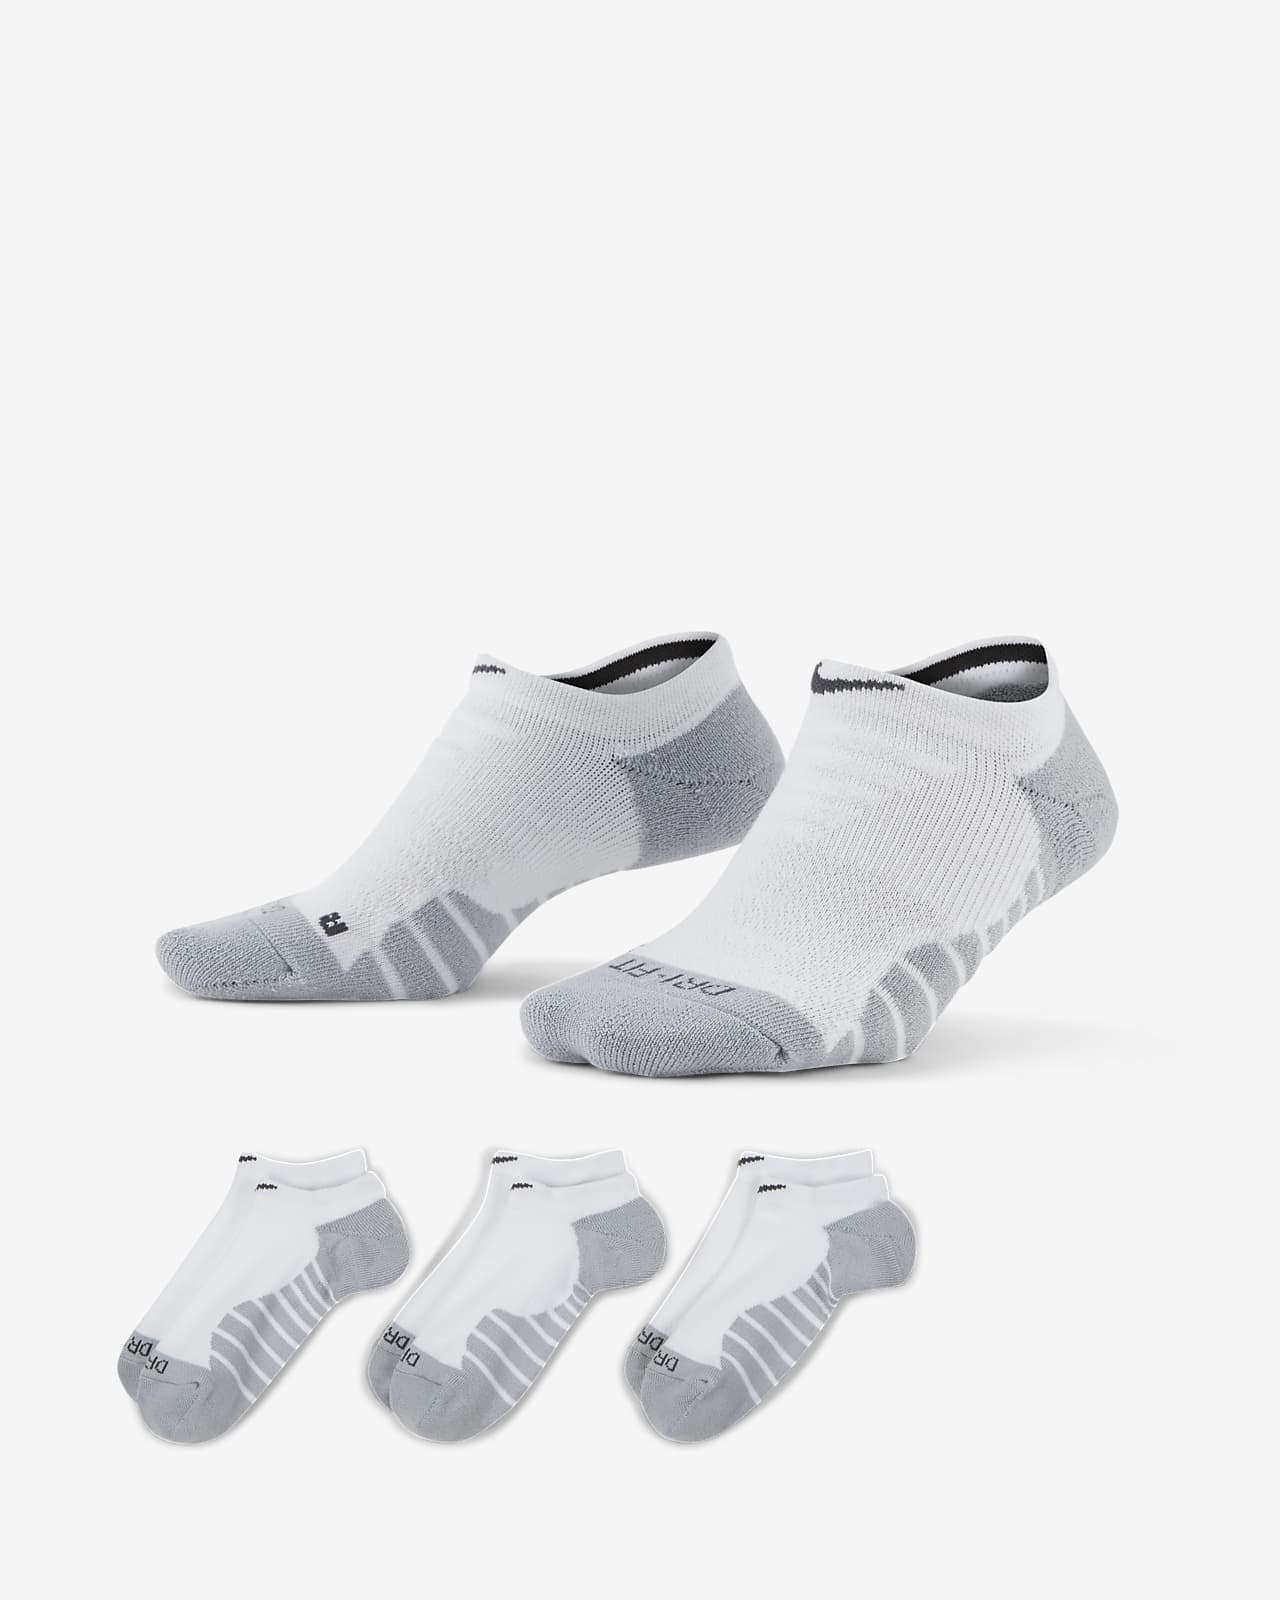 ถุงเท้าเทรนนิ่งผู้หญิงแบบซ่อน Nike Everyday Max Cushioned (3 คู่)